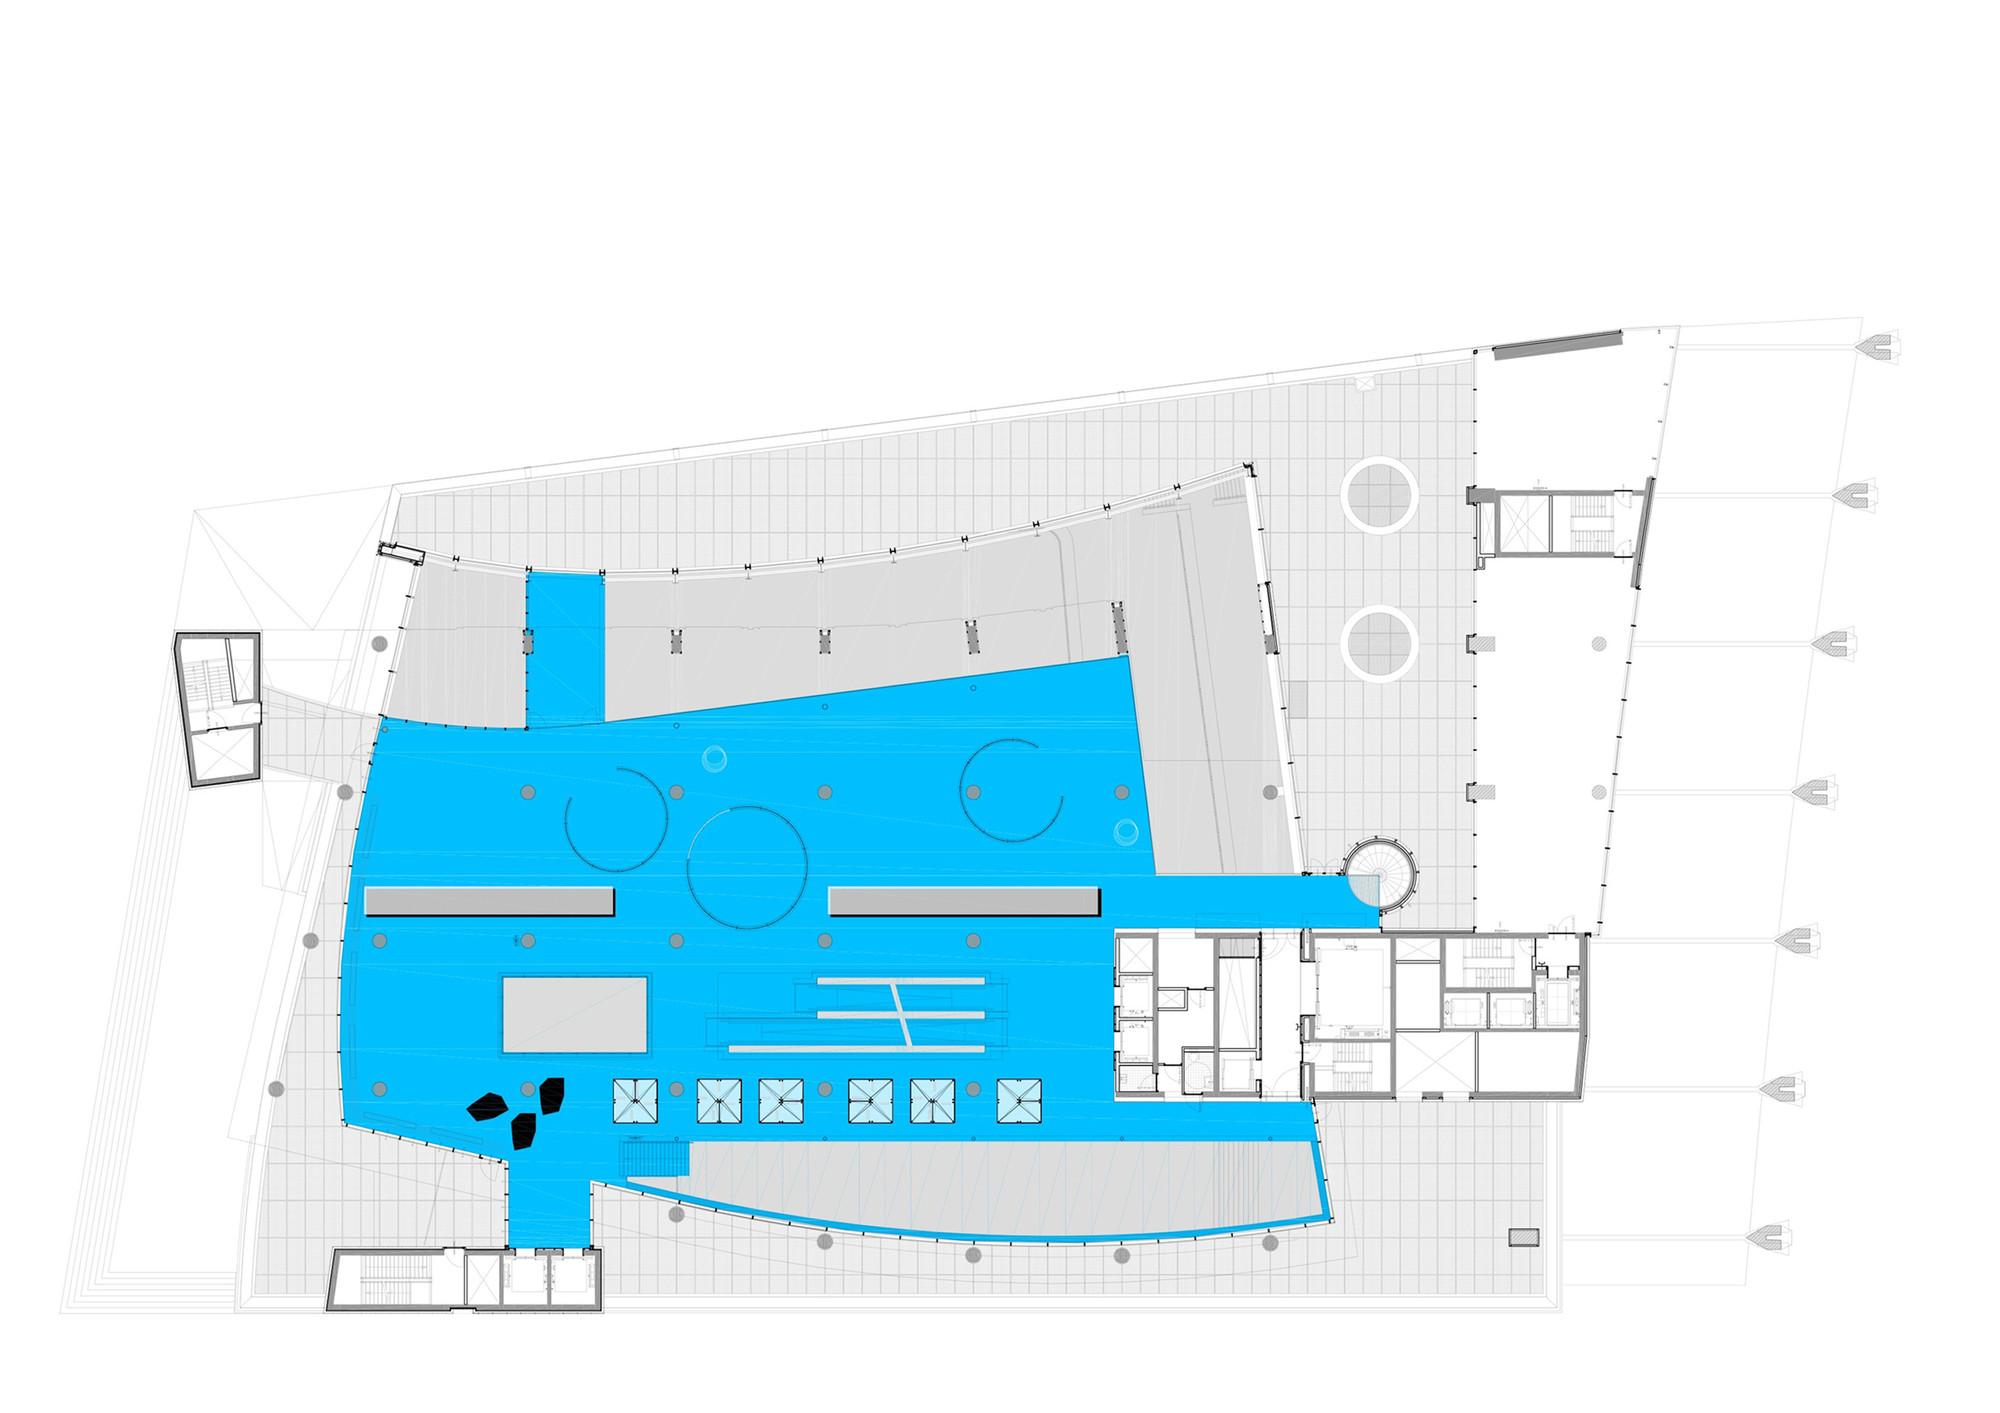 gallery of public library amsterdam jo coenen u0026 co architekten 15